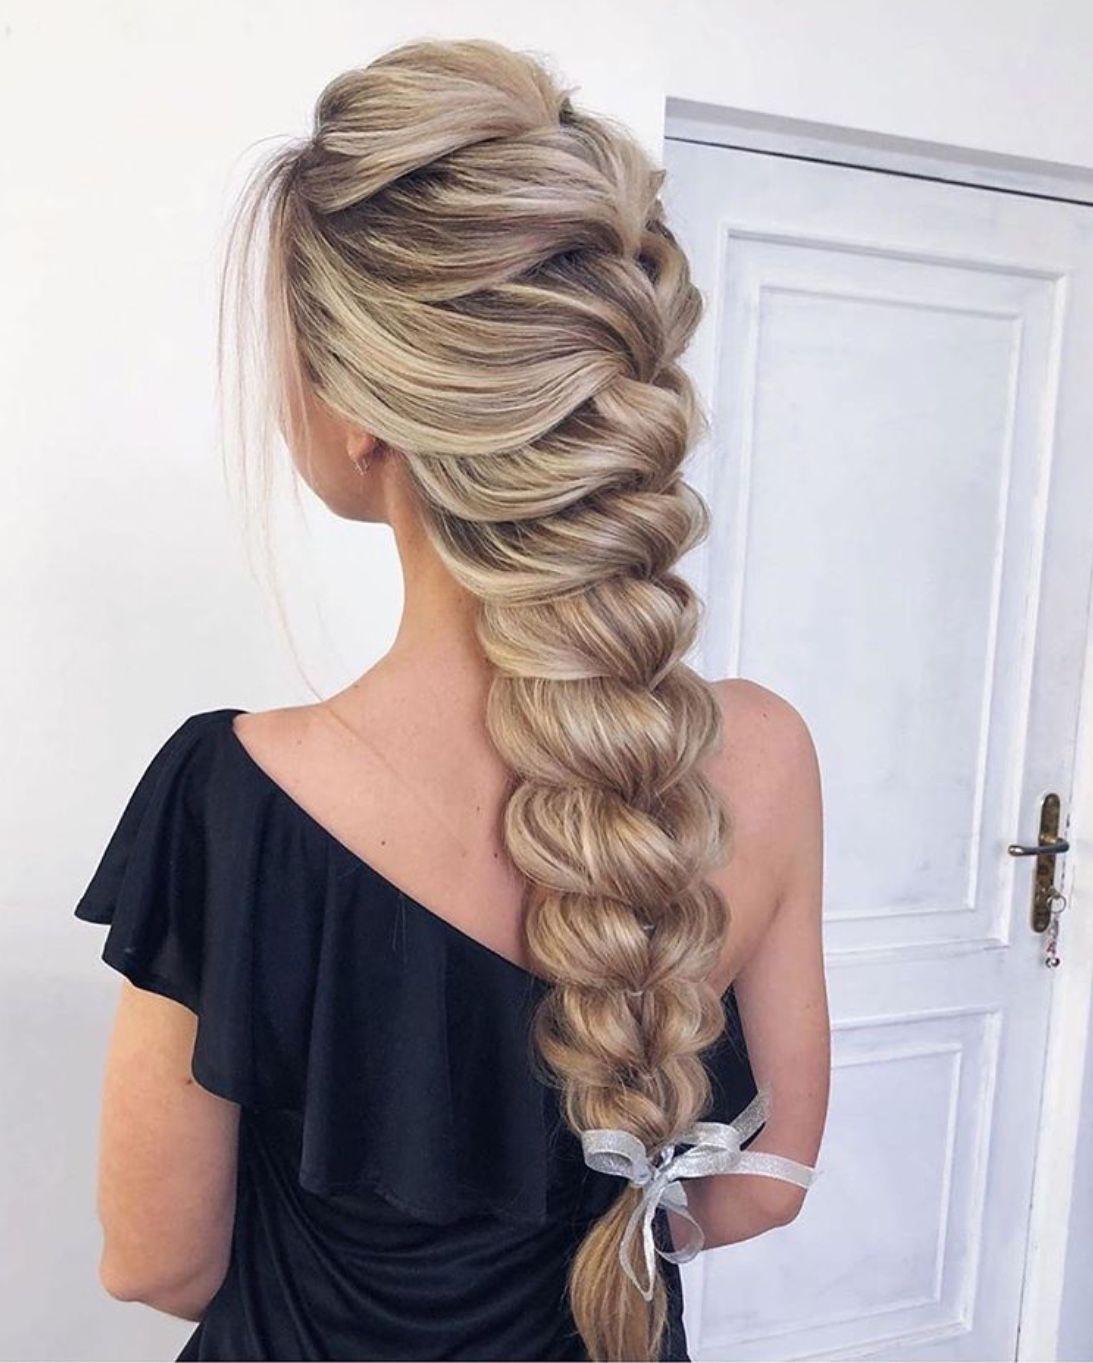 hair braidstyles in 2020   Braids for long hair, Easy ...